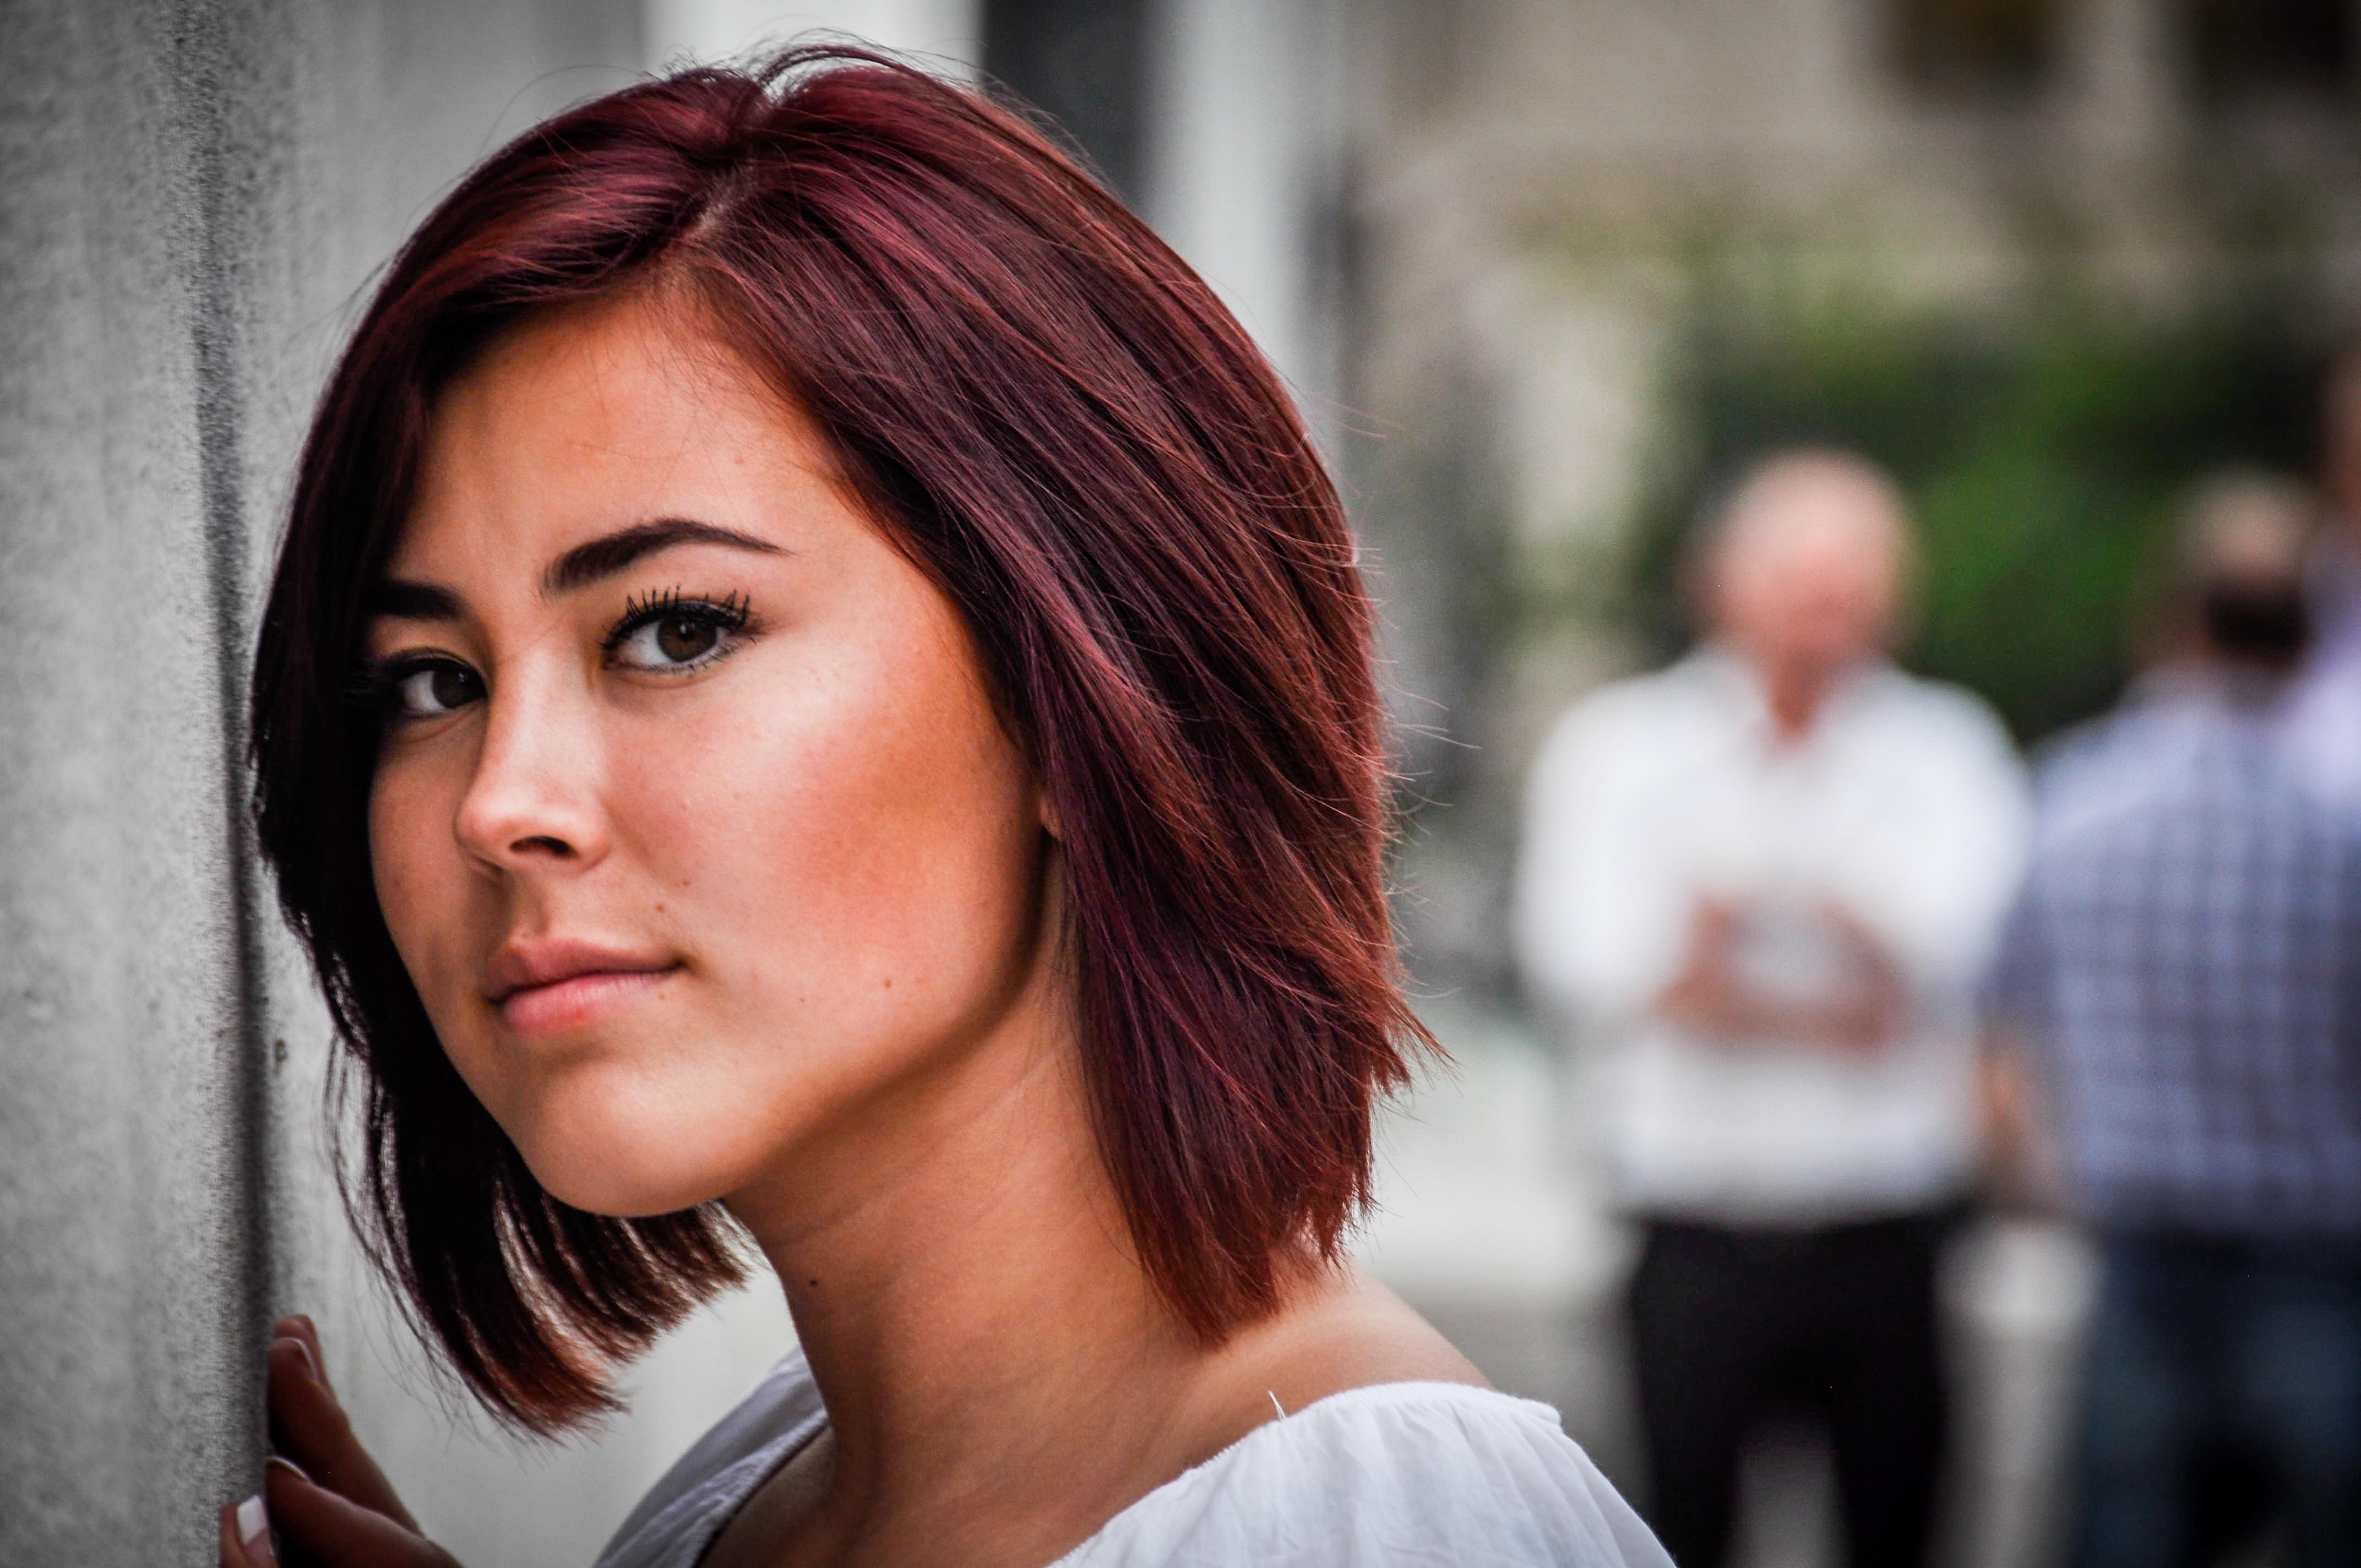 Fotoğraf Kişi Portre Model Kırmızı Renk Moda Bayan Saç